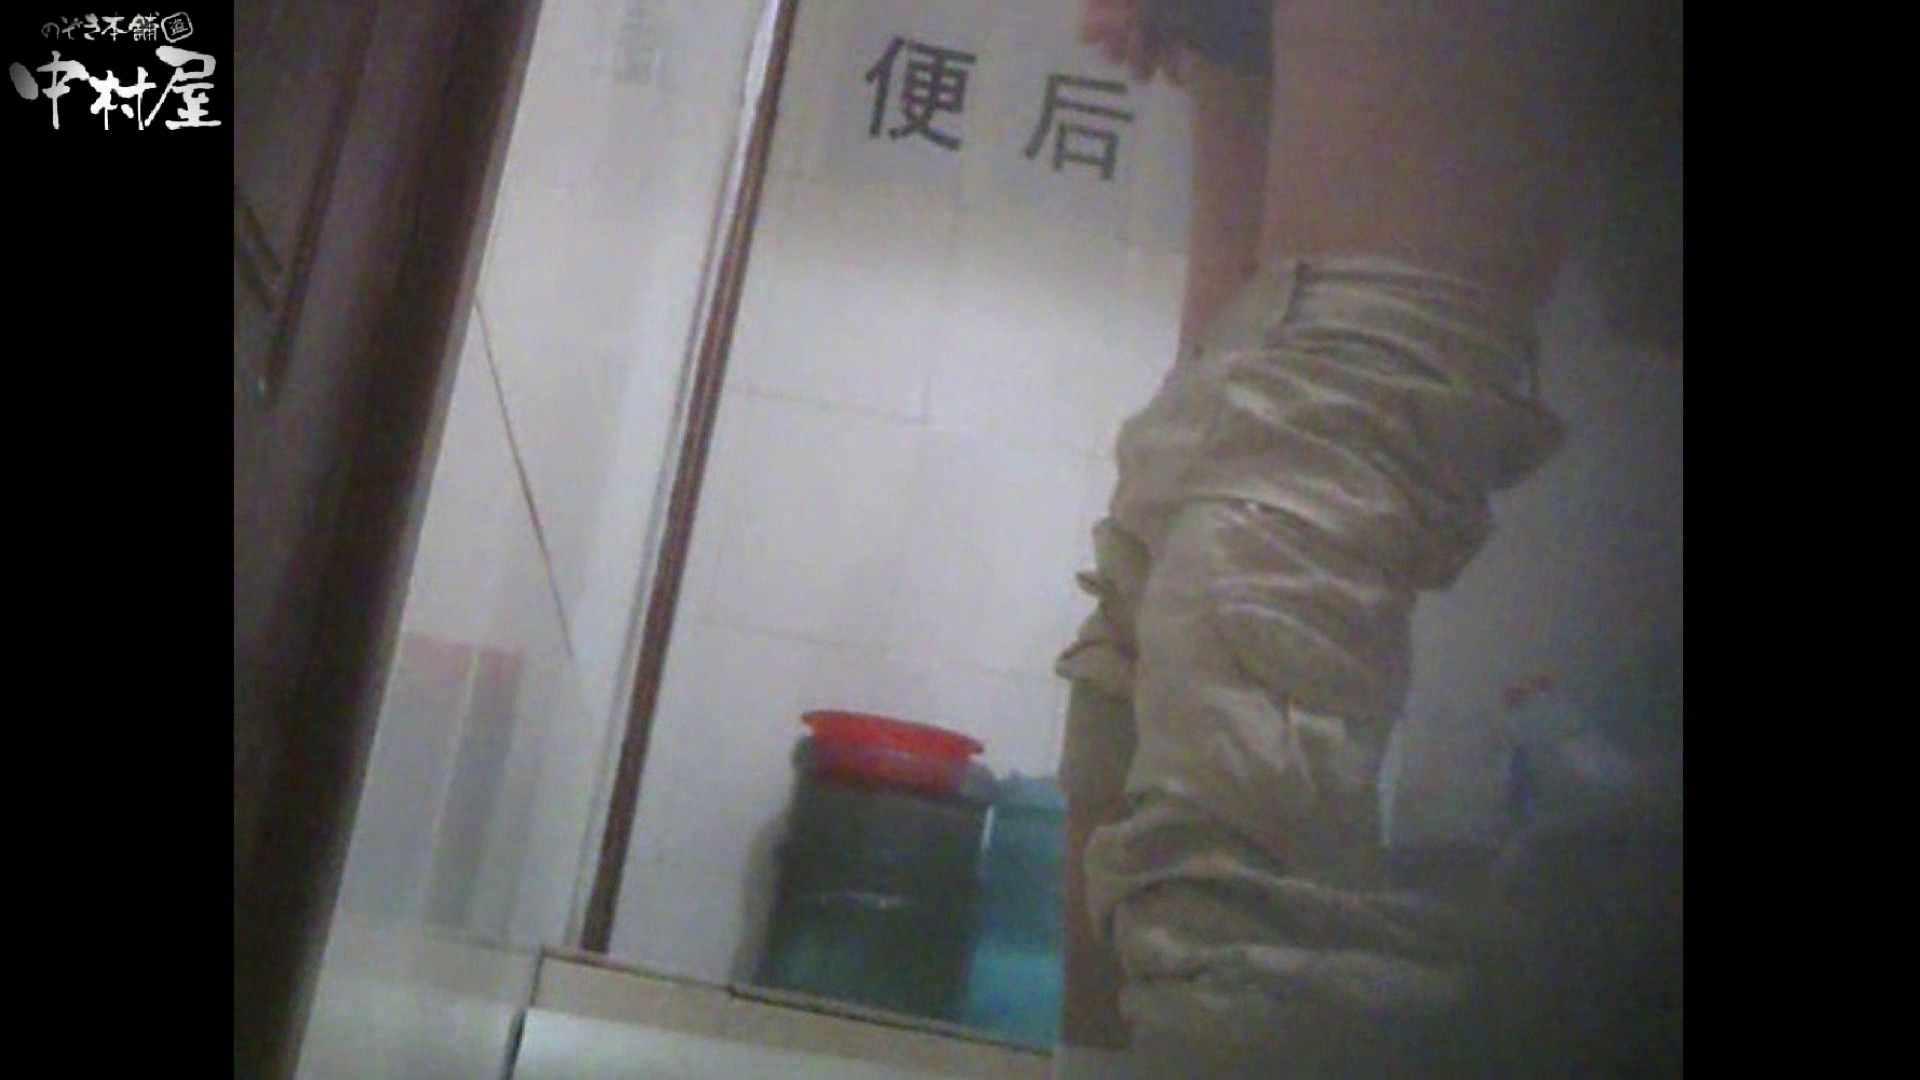 李さんの盗撮日記 Vol.08 ギャルのエロ動画 オメコ無修正動画無料 80PIX 54